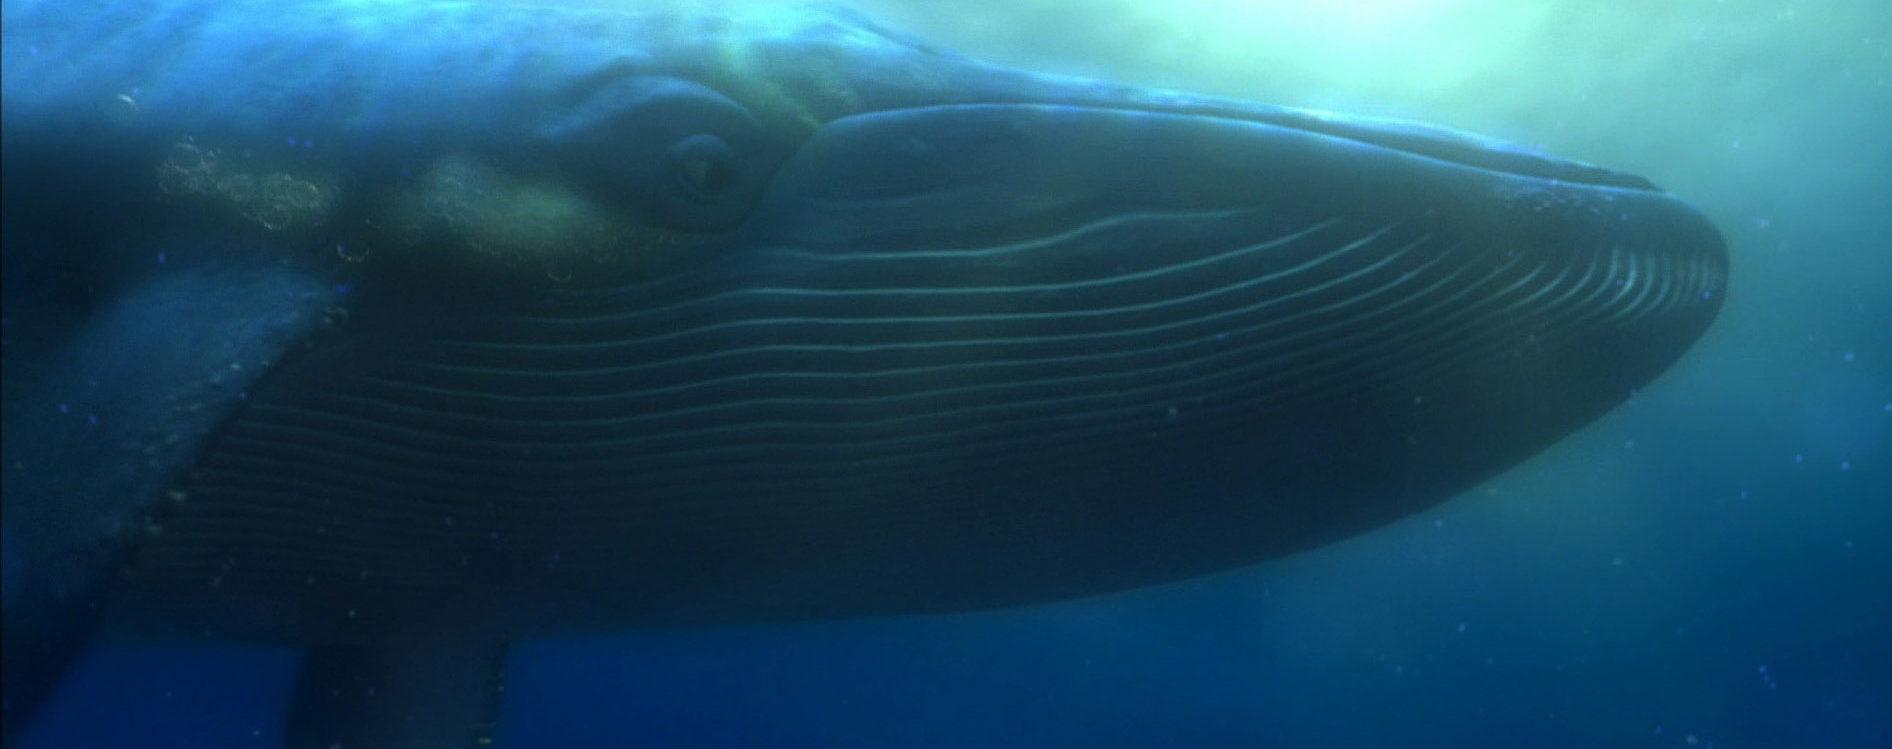 The Blue Whale-@akustika.co.id